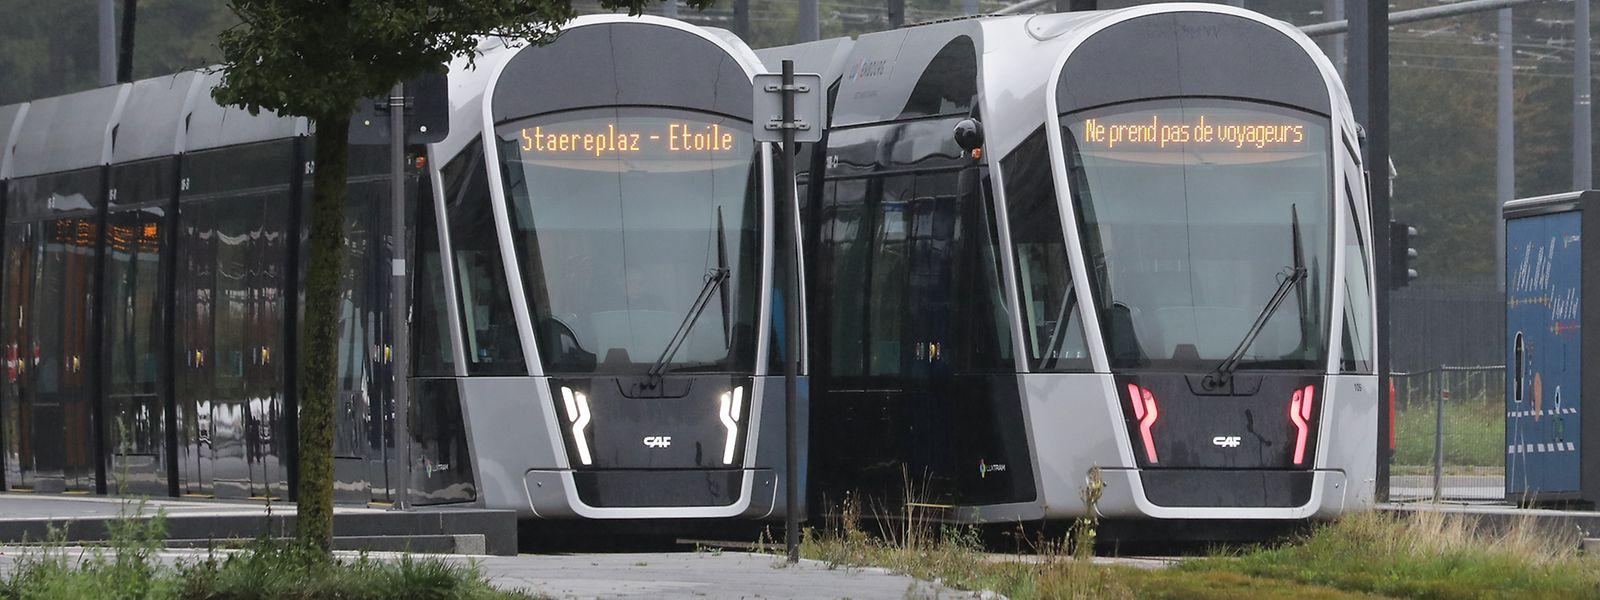 Bislang verkehrt die Tram zwischen der Place de l'Etoile und Kirchberg.